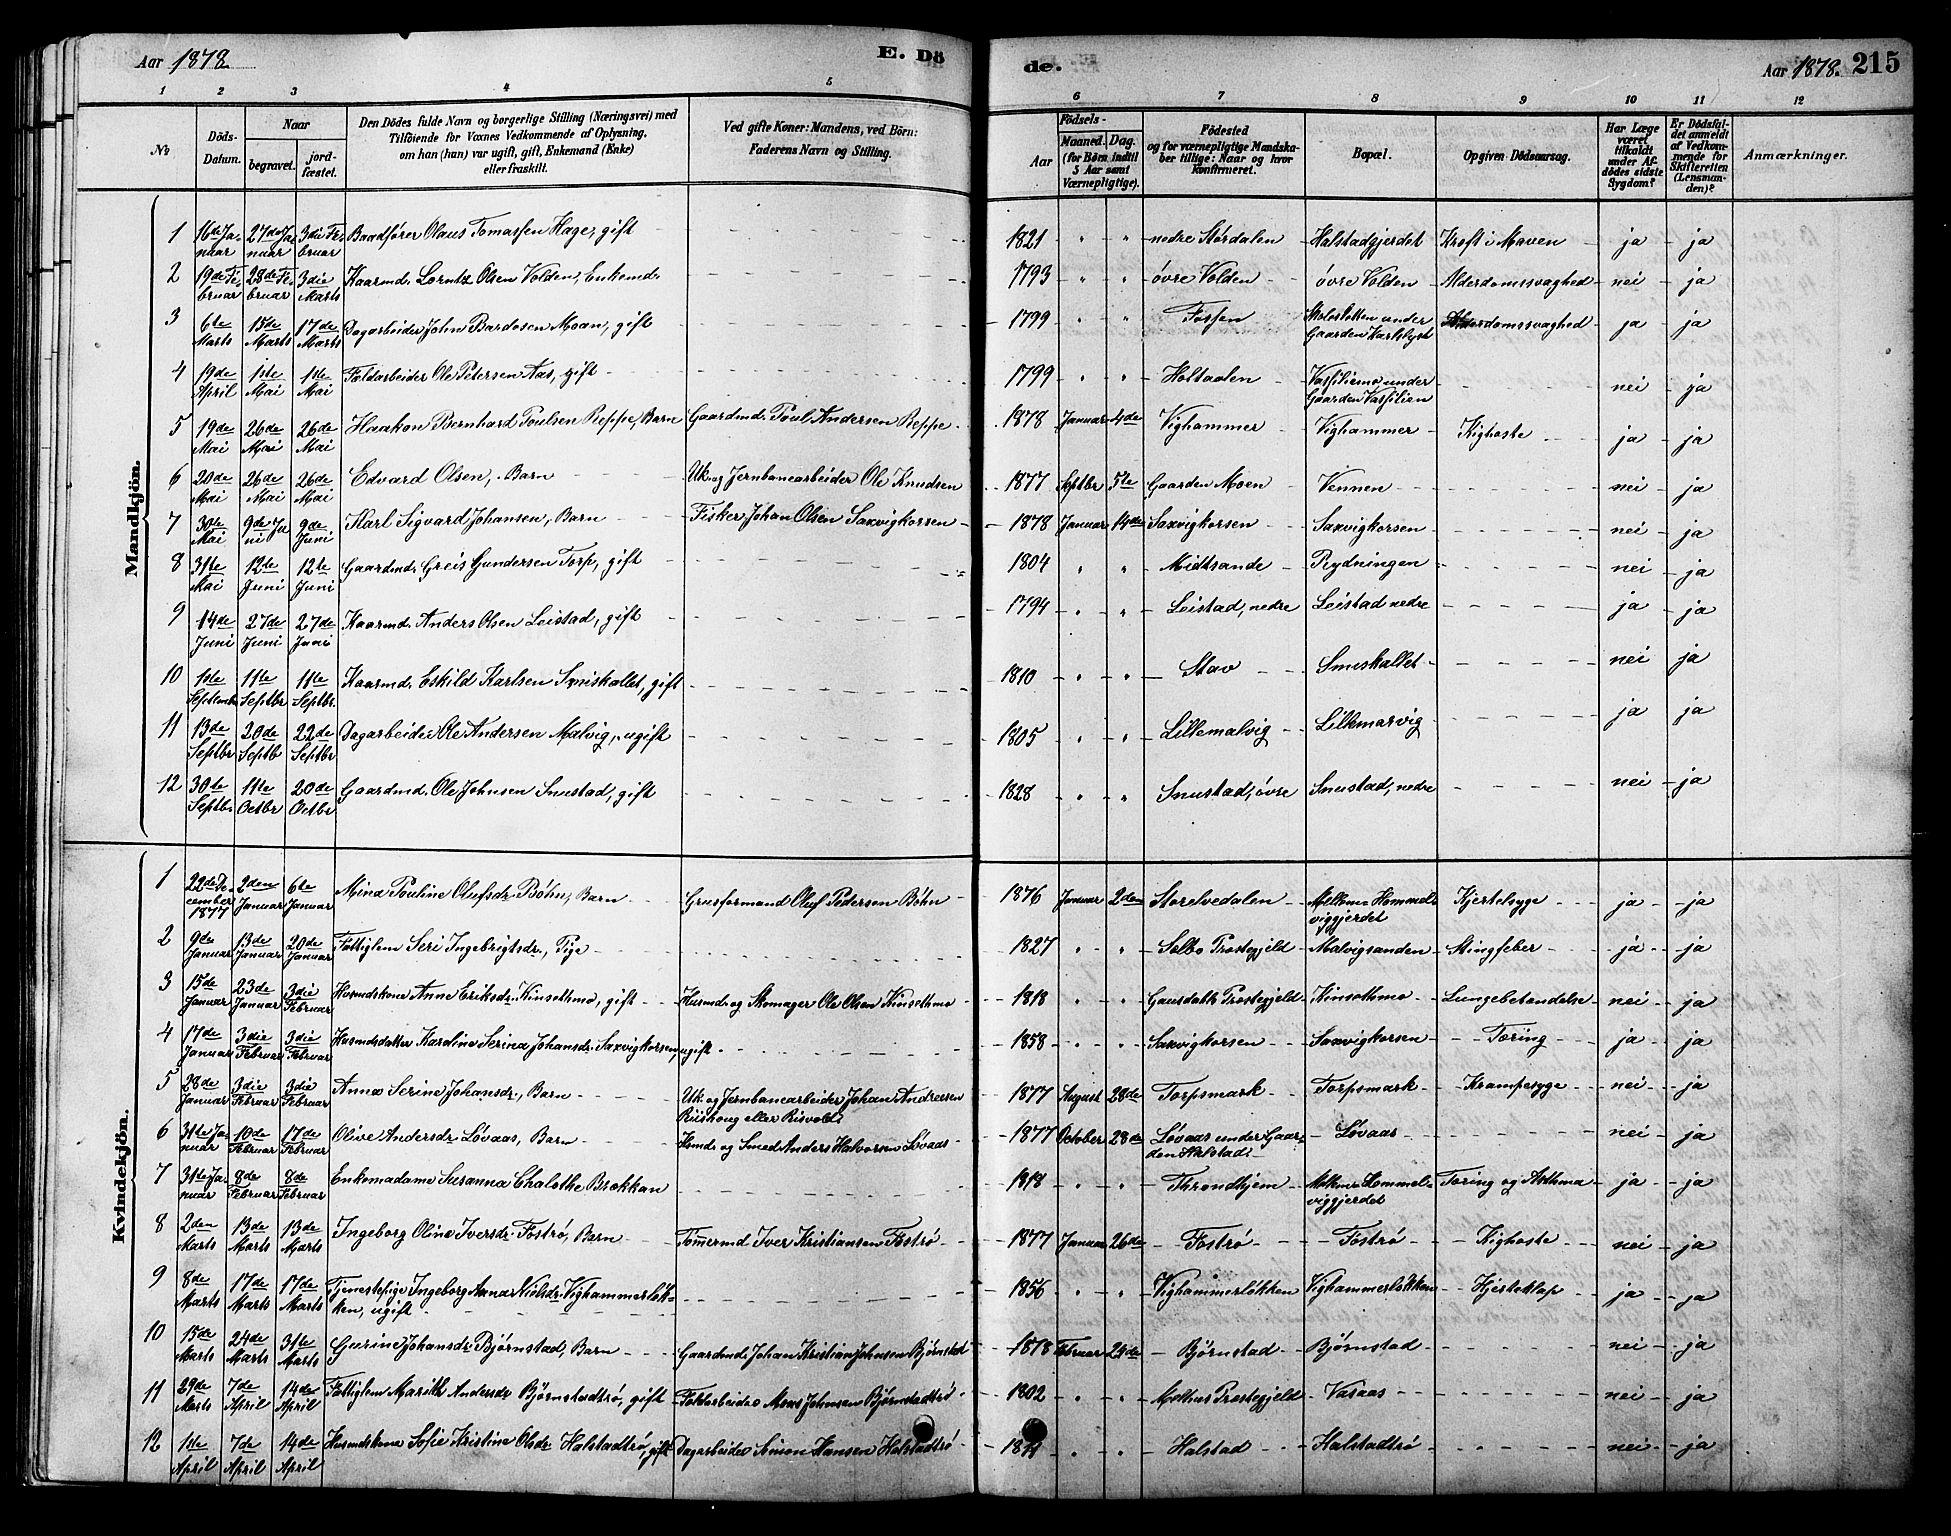 SAT, Ministerialprotokoller, klokkerbøker og fødselsregistre - Sør-Trøndelag, 616/L0423: Klokkerbok nr. 616C06, 1878-1903, s. 215